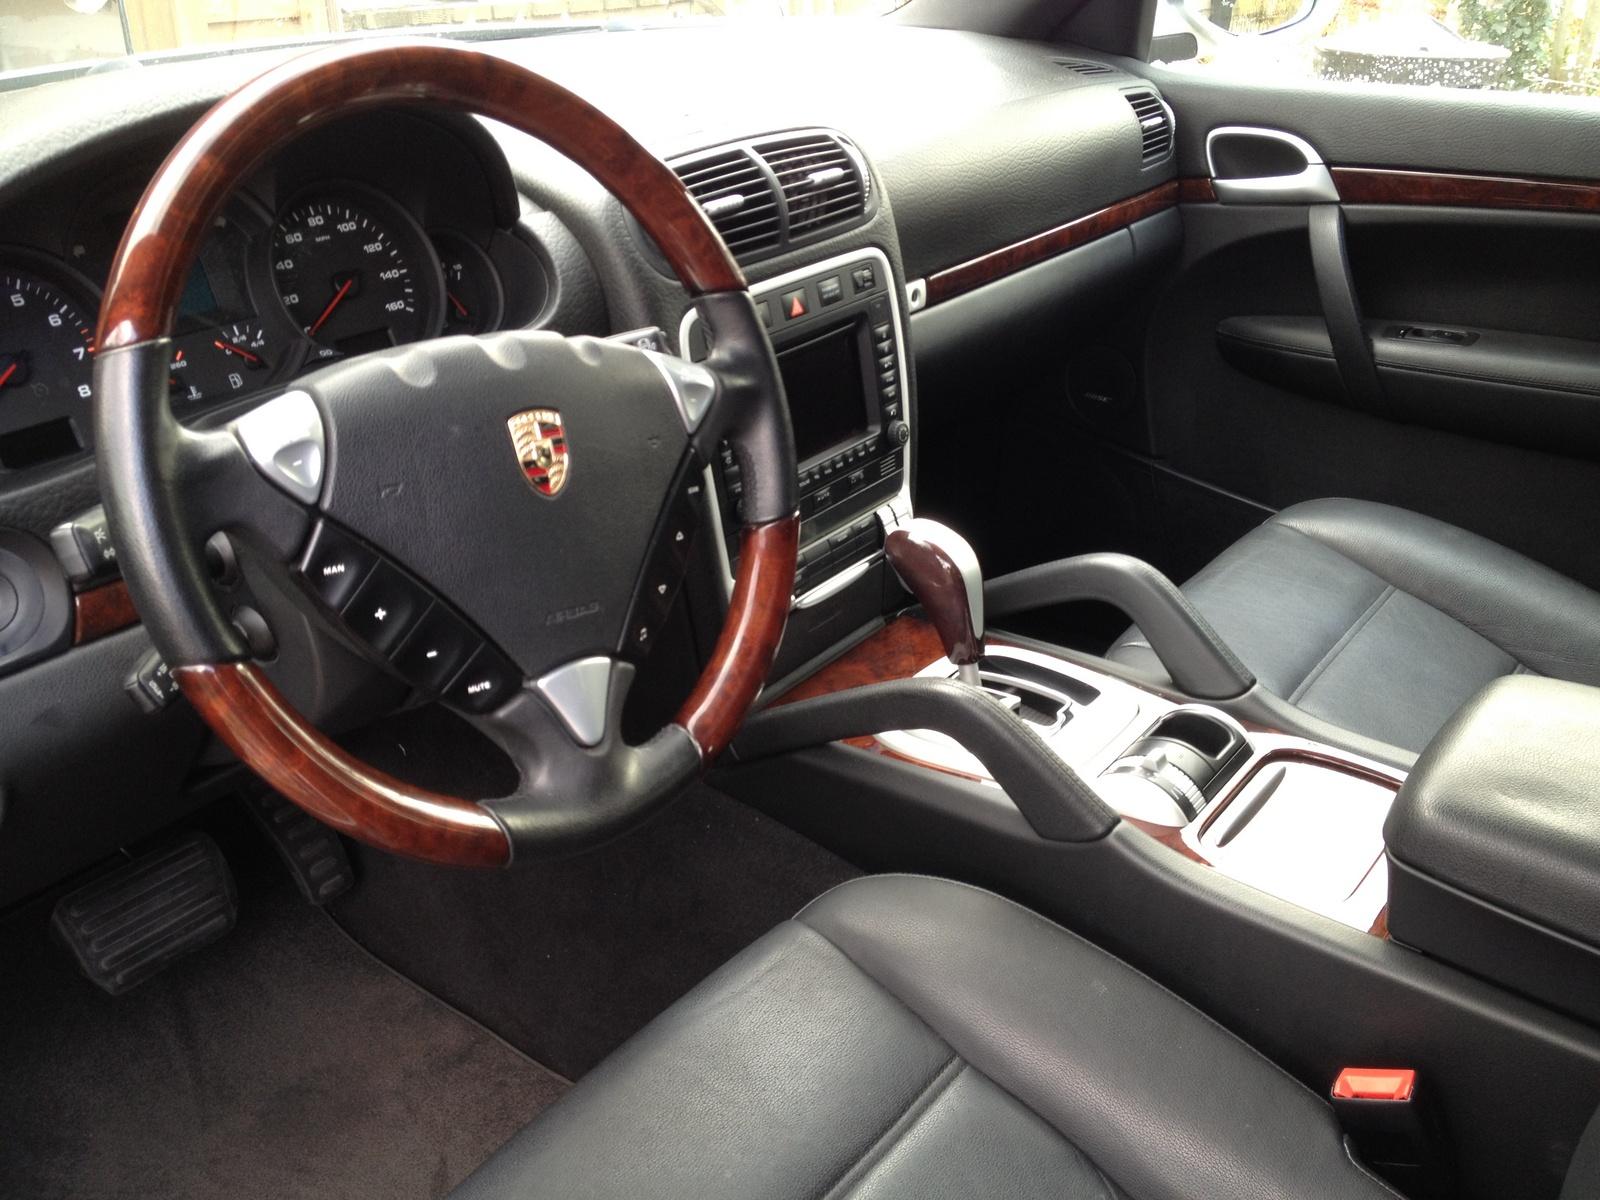 2008 Porsche Cayenne Interior Pictures Cargurus